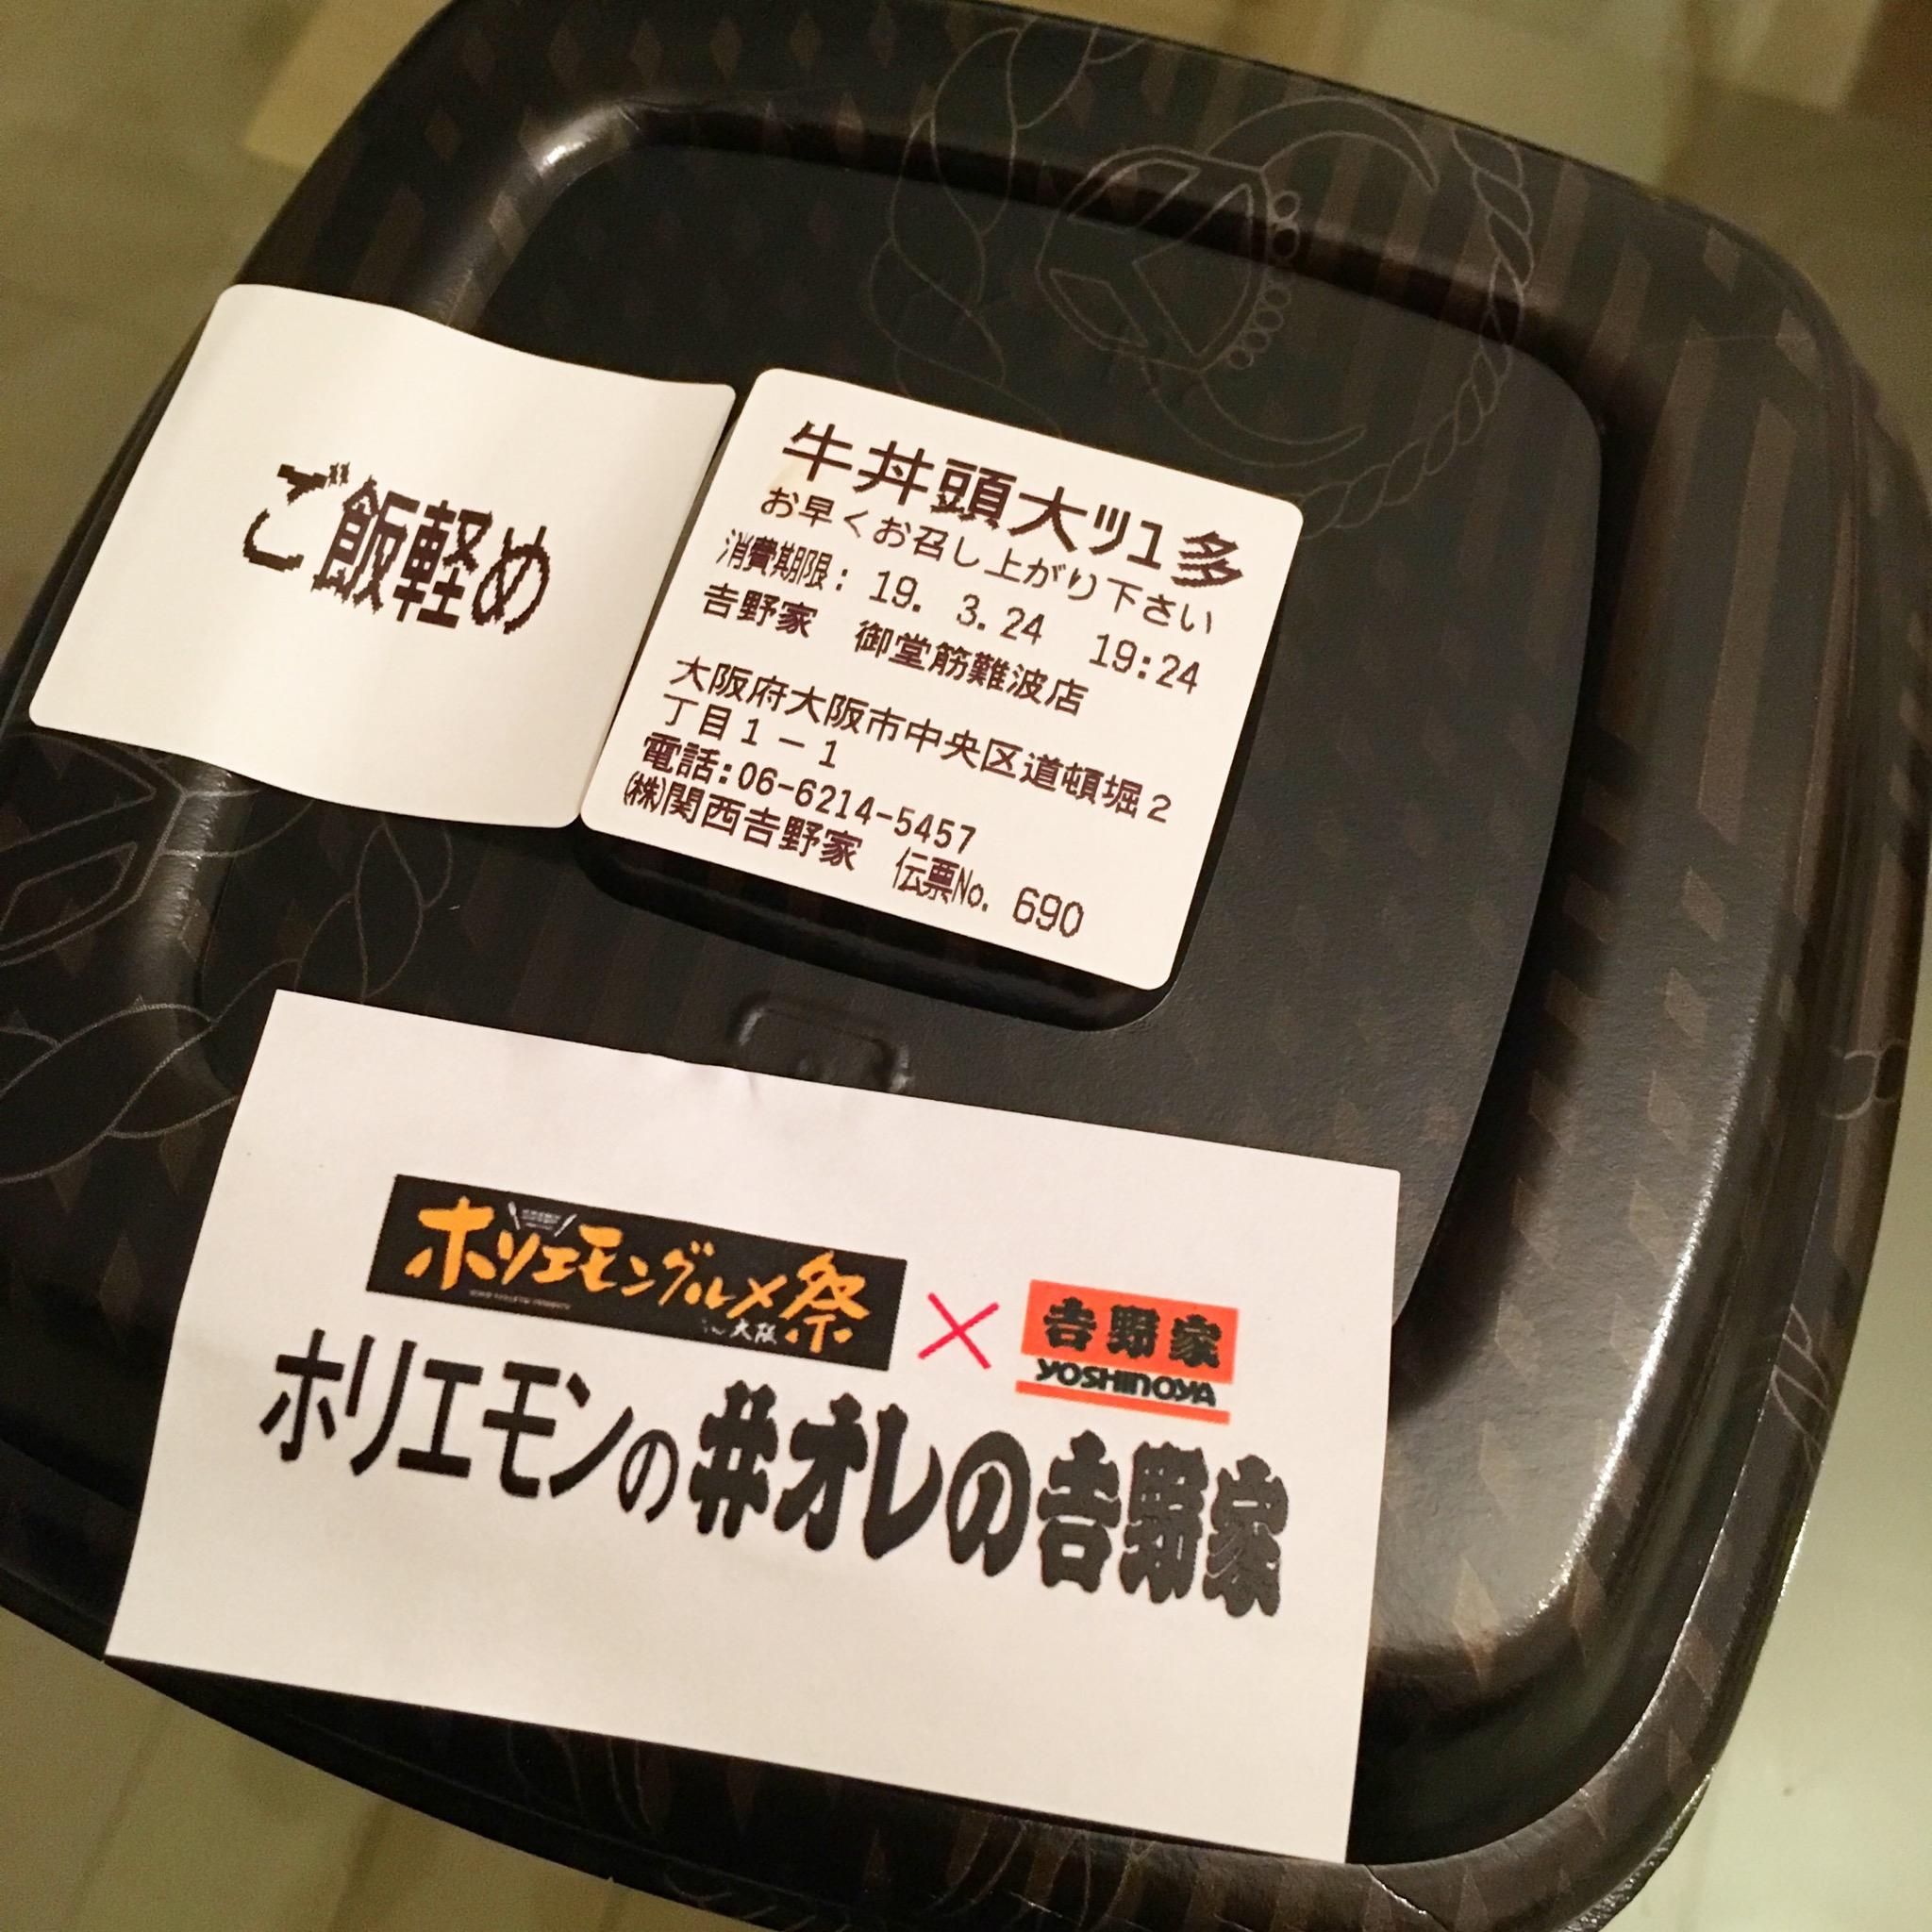 ホリエモン,オレの吉野家,大阪グルメ祭